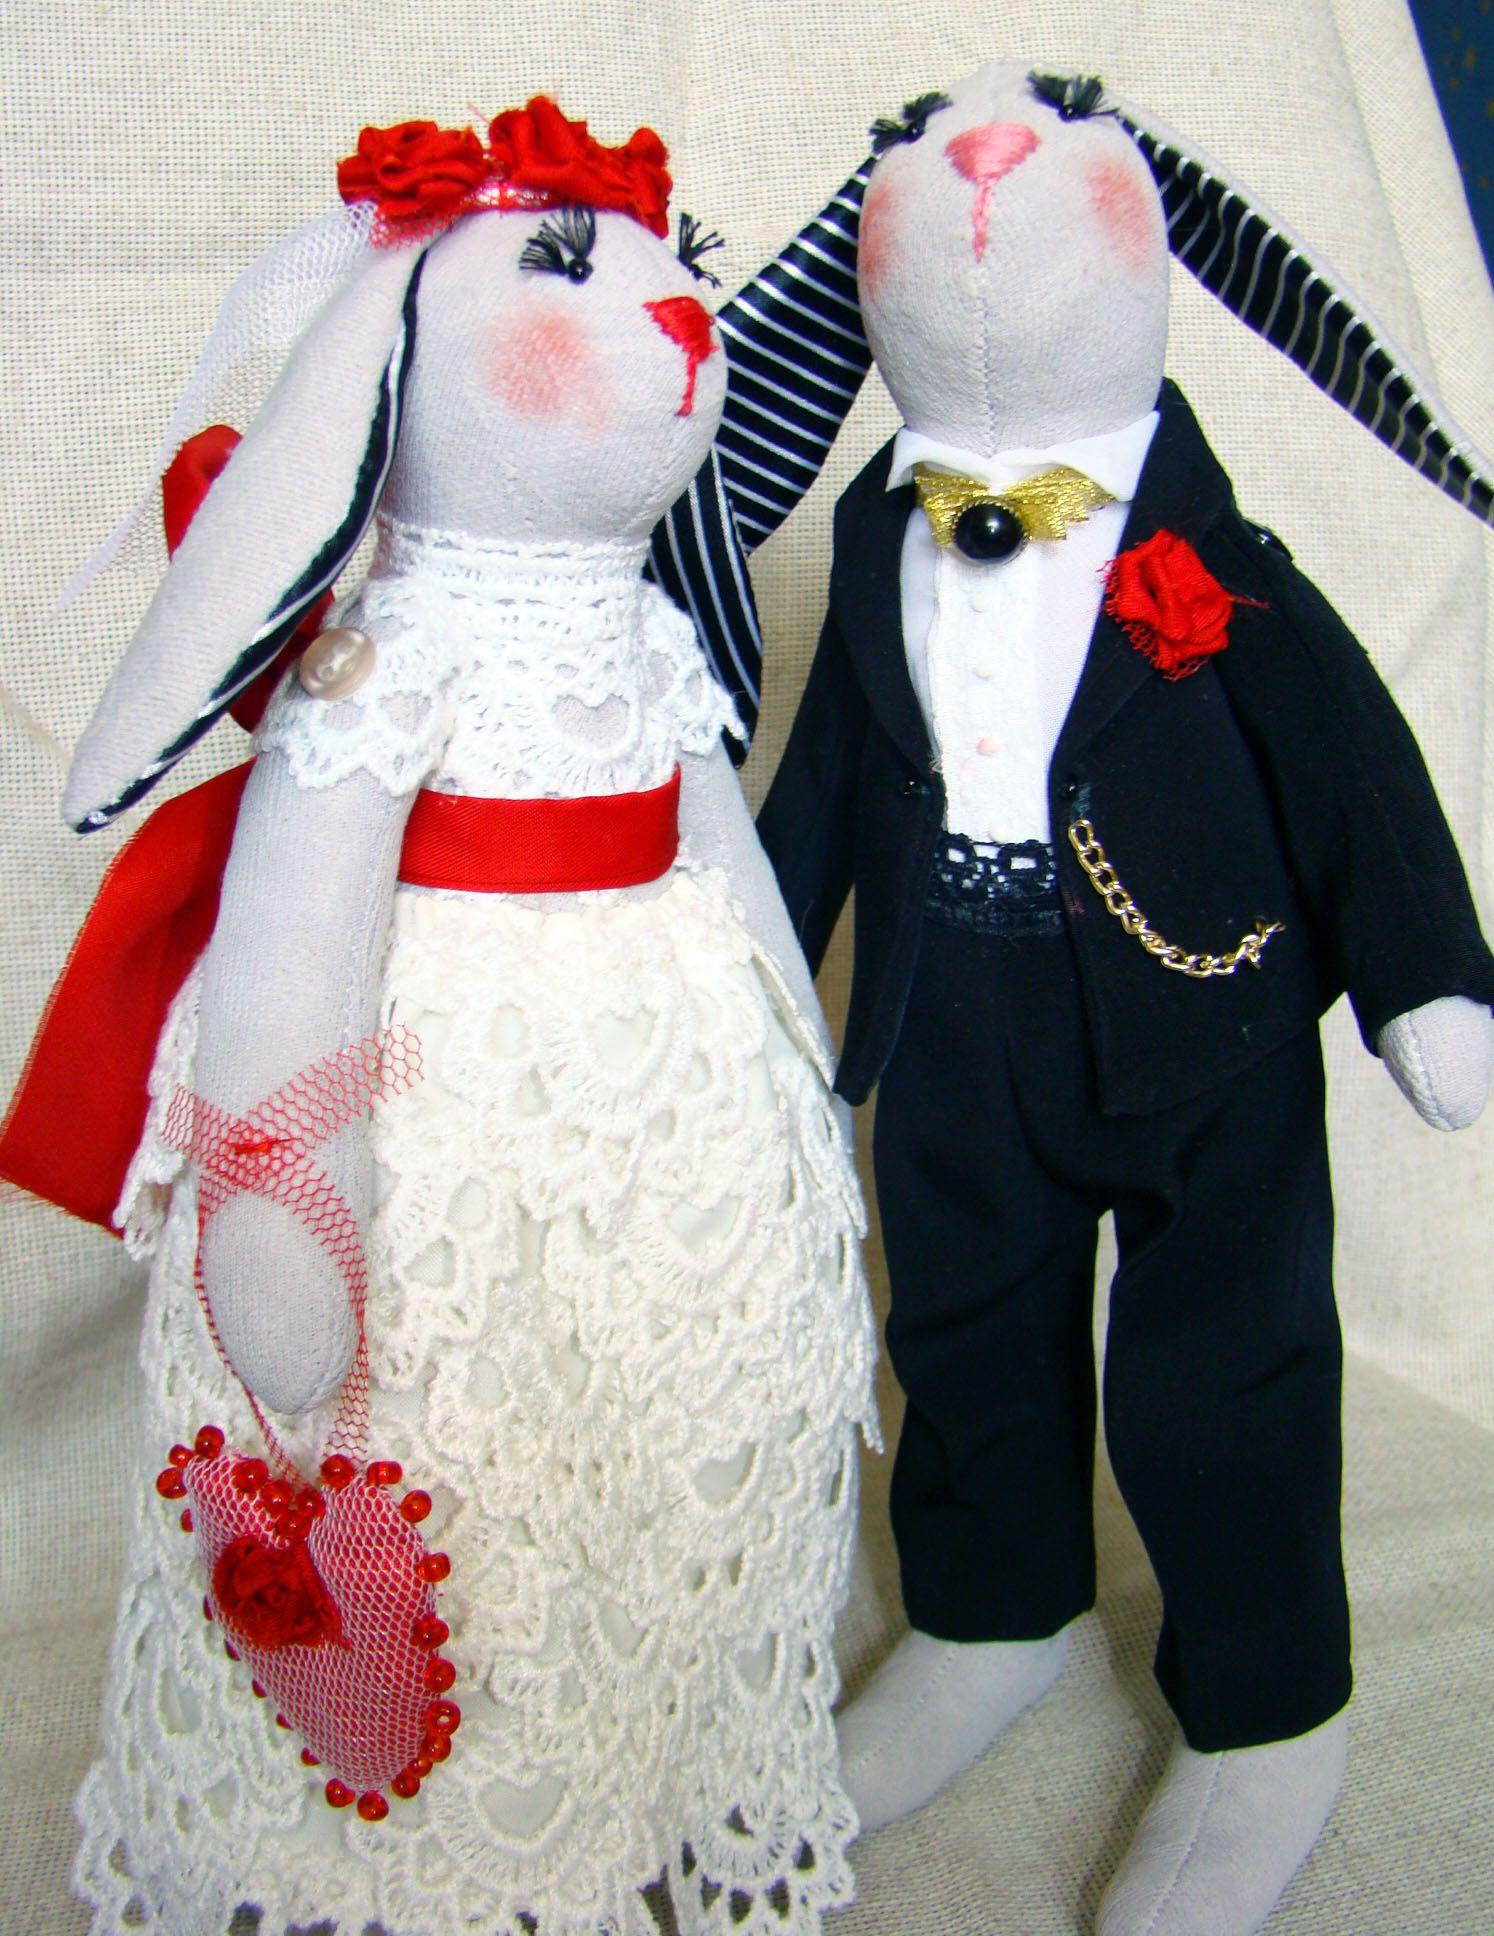 юбилей фотосессия свадьба свадебная свадебный подарок